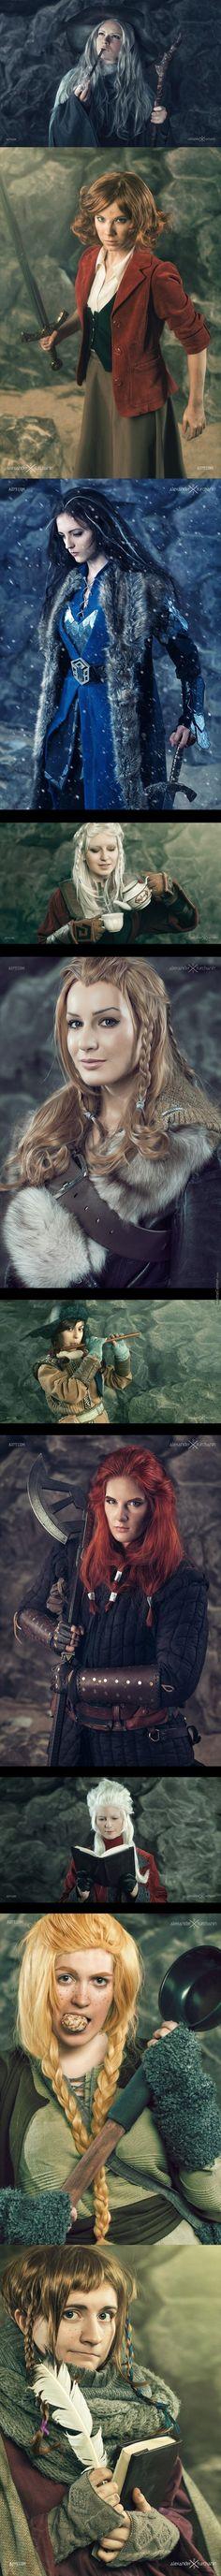 Genderbent Hobbit Cosplays